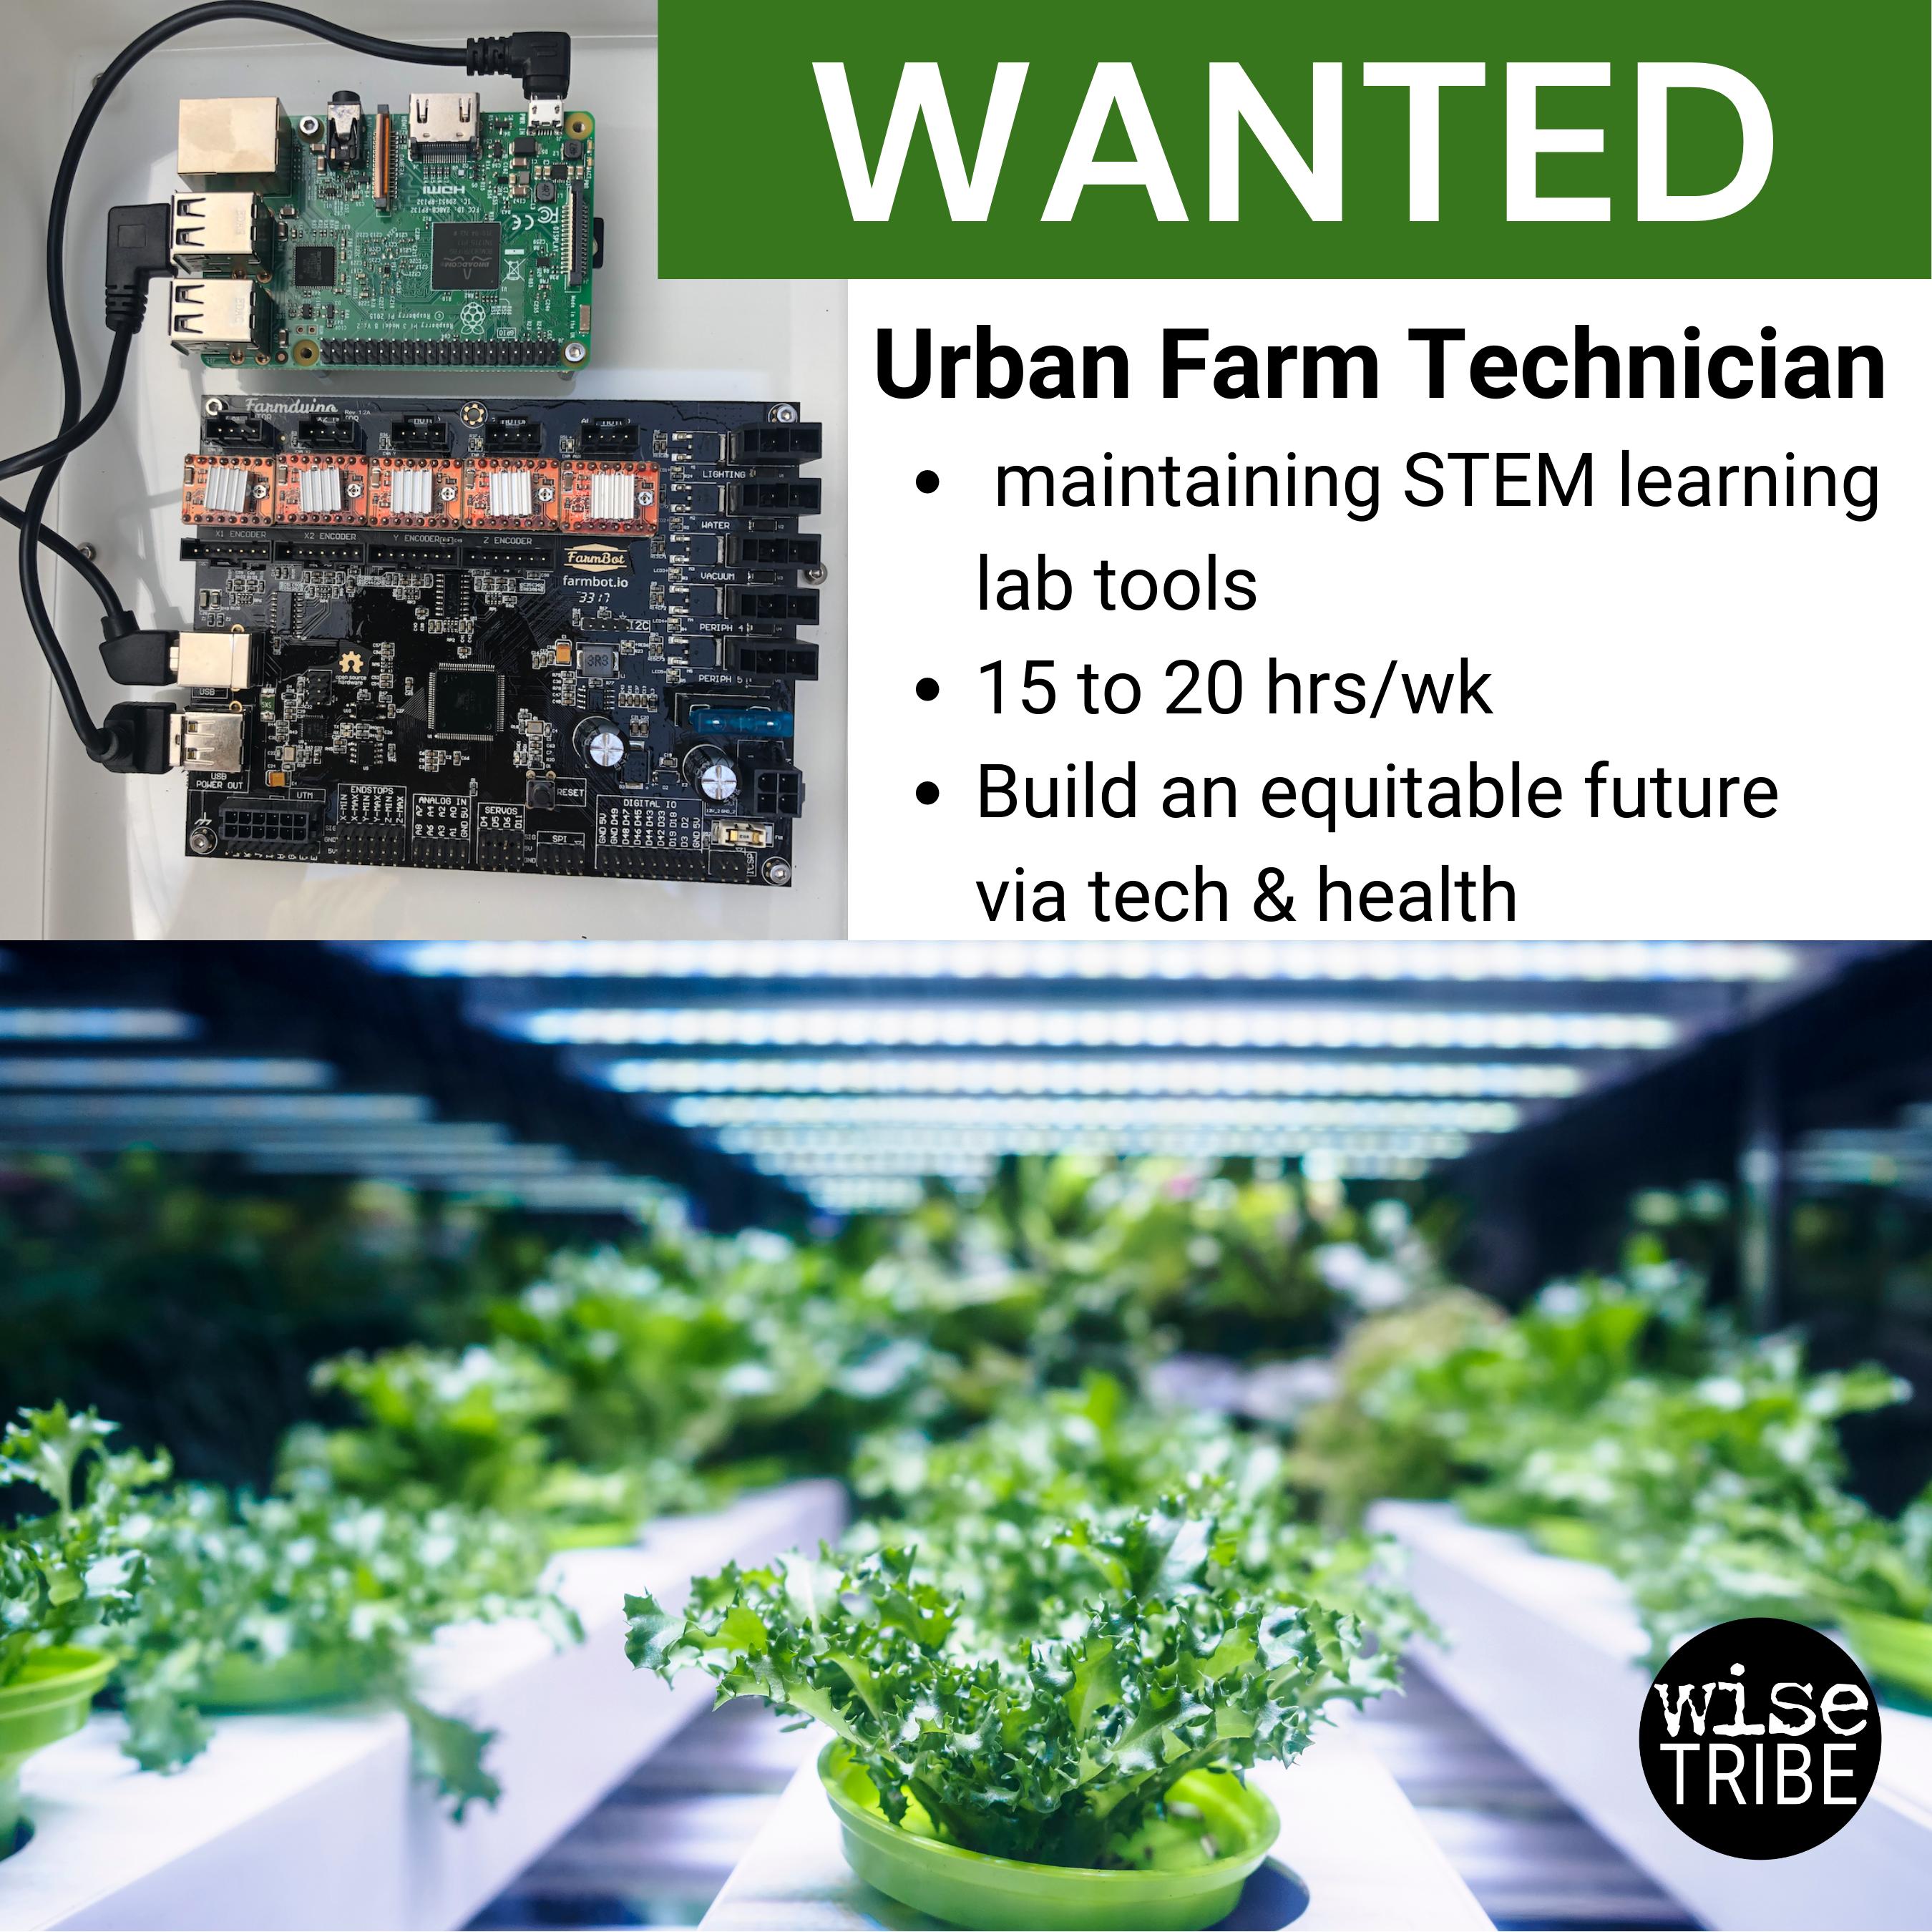 We're Hiring! Urban Farming Robotics Technician